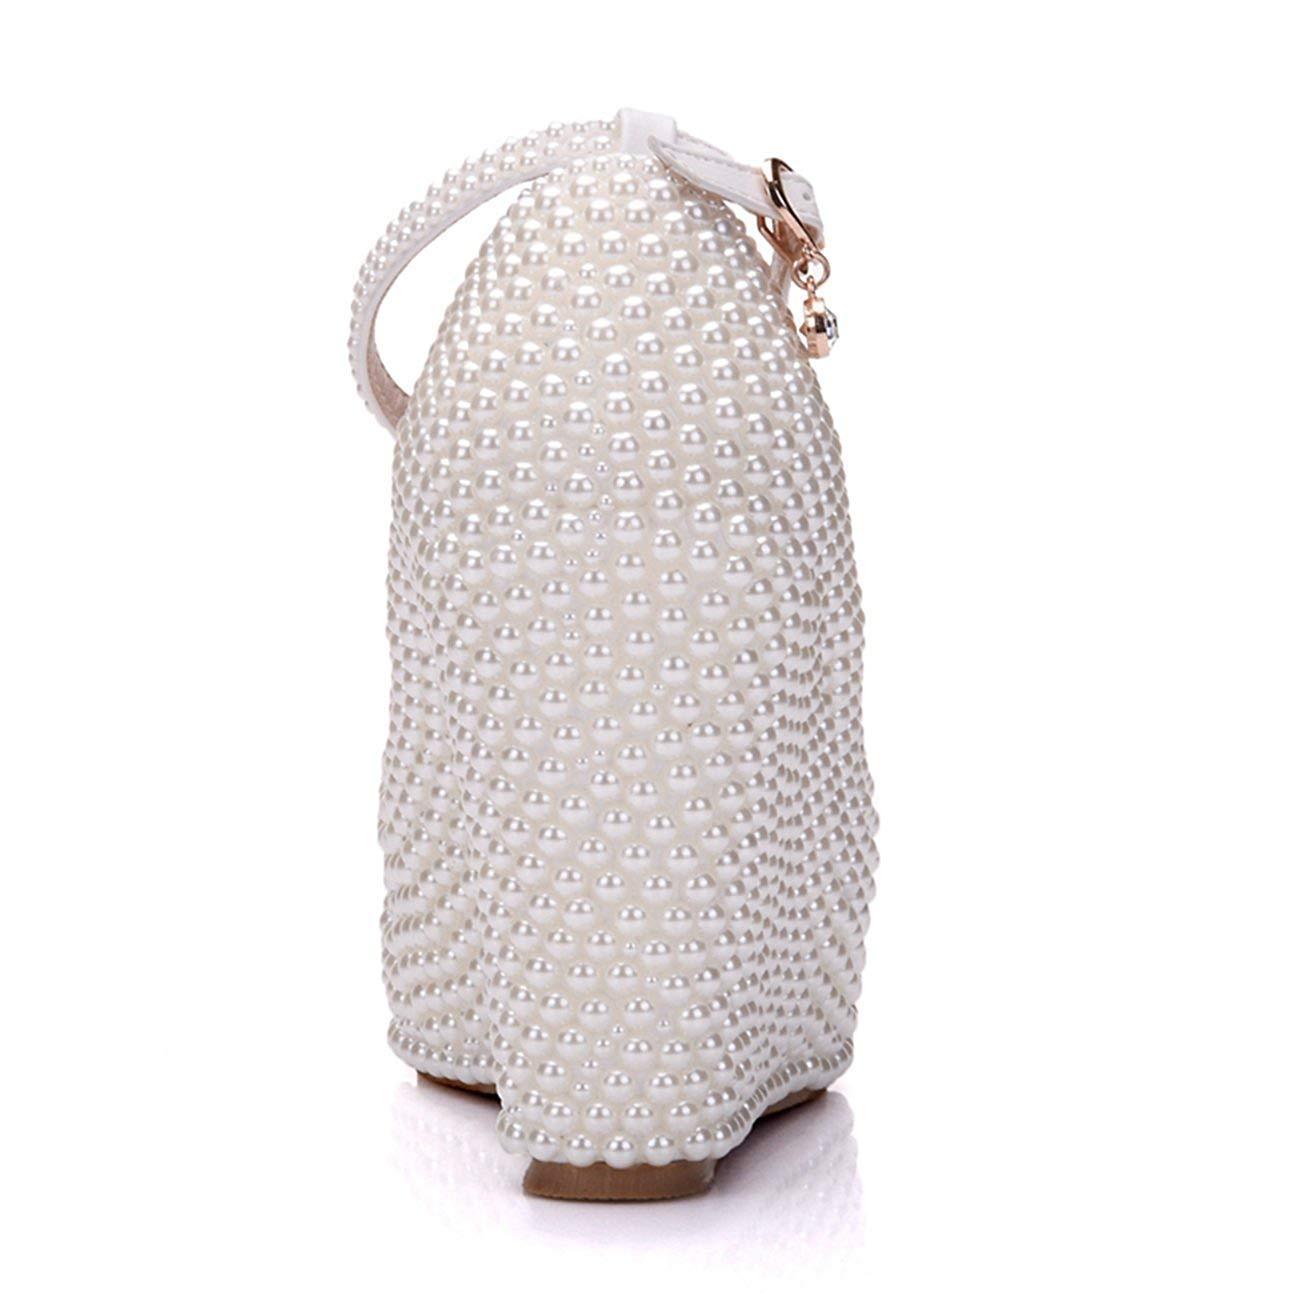 Qiusa Damen Versteckte Hohe Plattform Perle Perlen Keilabsatz Keilabsatz Keilabsatz Elfenbein Hochzeit Abendschuhe UK 2 (Farbe   - Größe   -) 7078cd